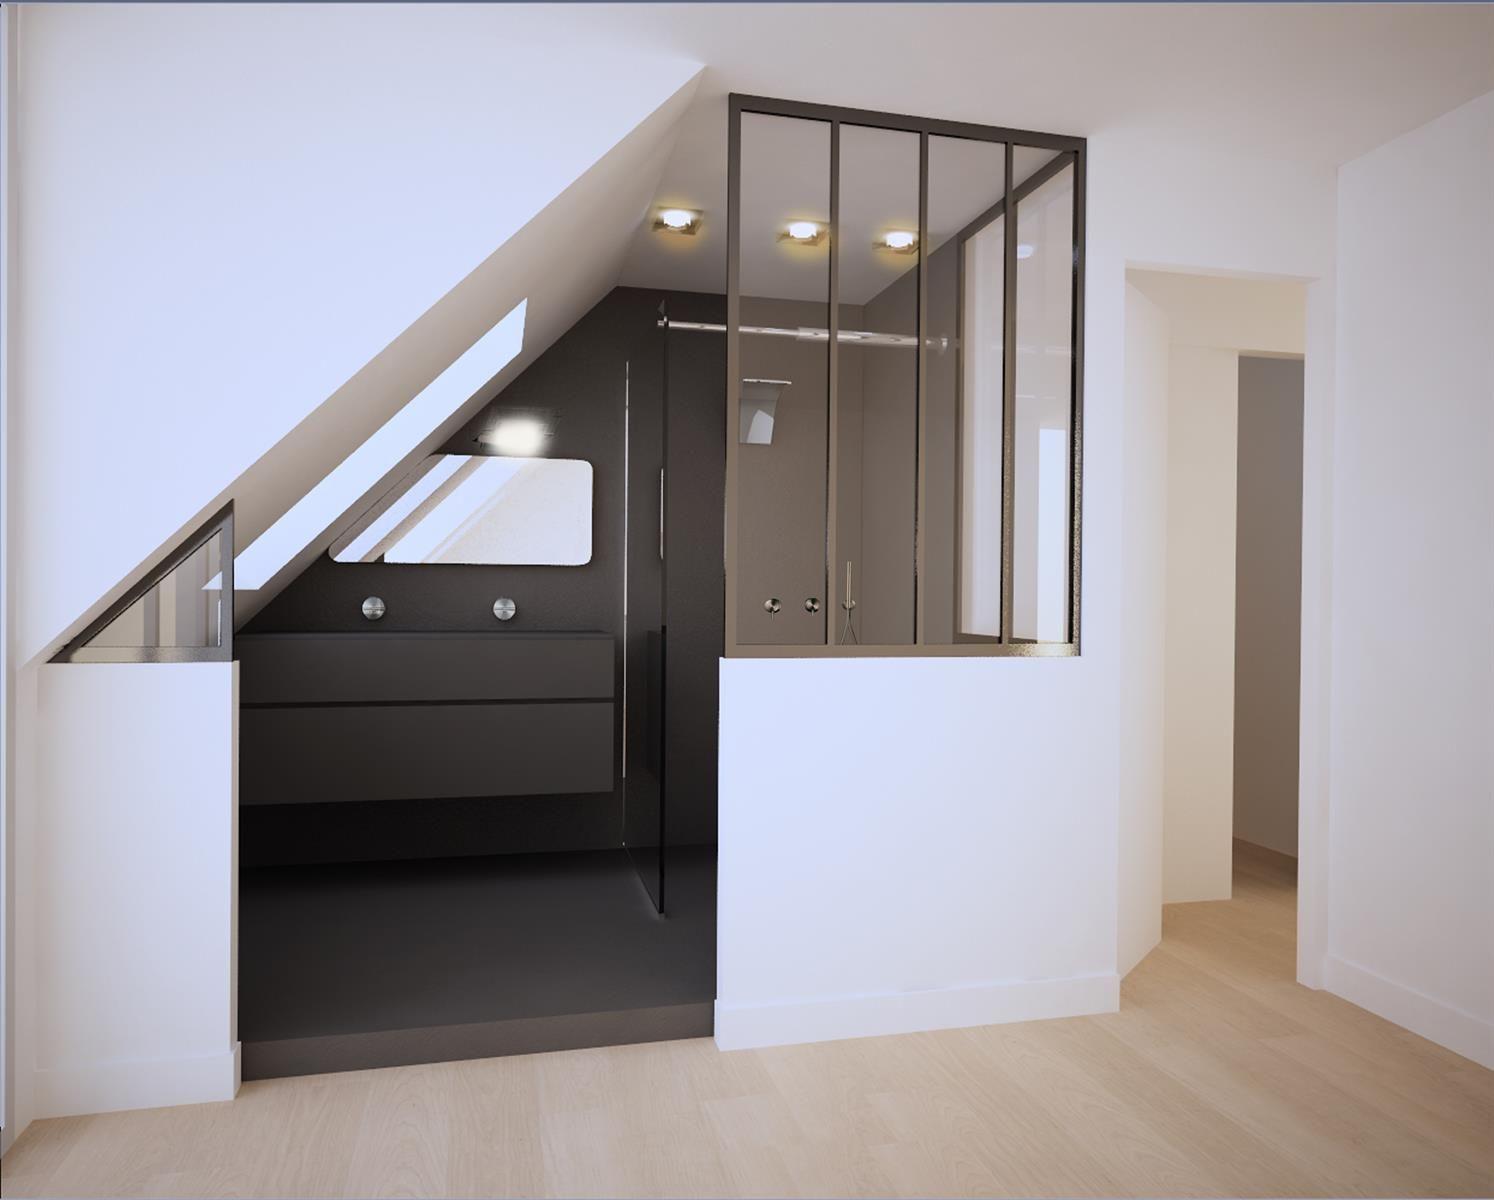 un douche vitr e sur la chambre donne une impression suite parentale pinterest douches. Black Bedroom Furniture Sets. Home Design Ideas